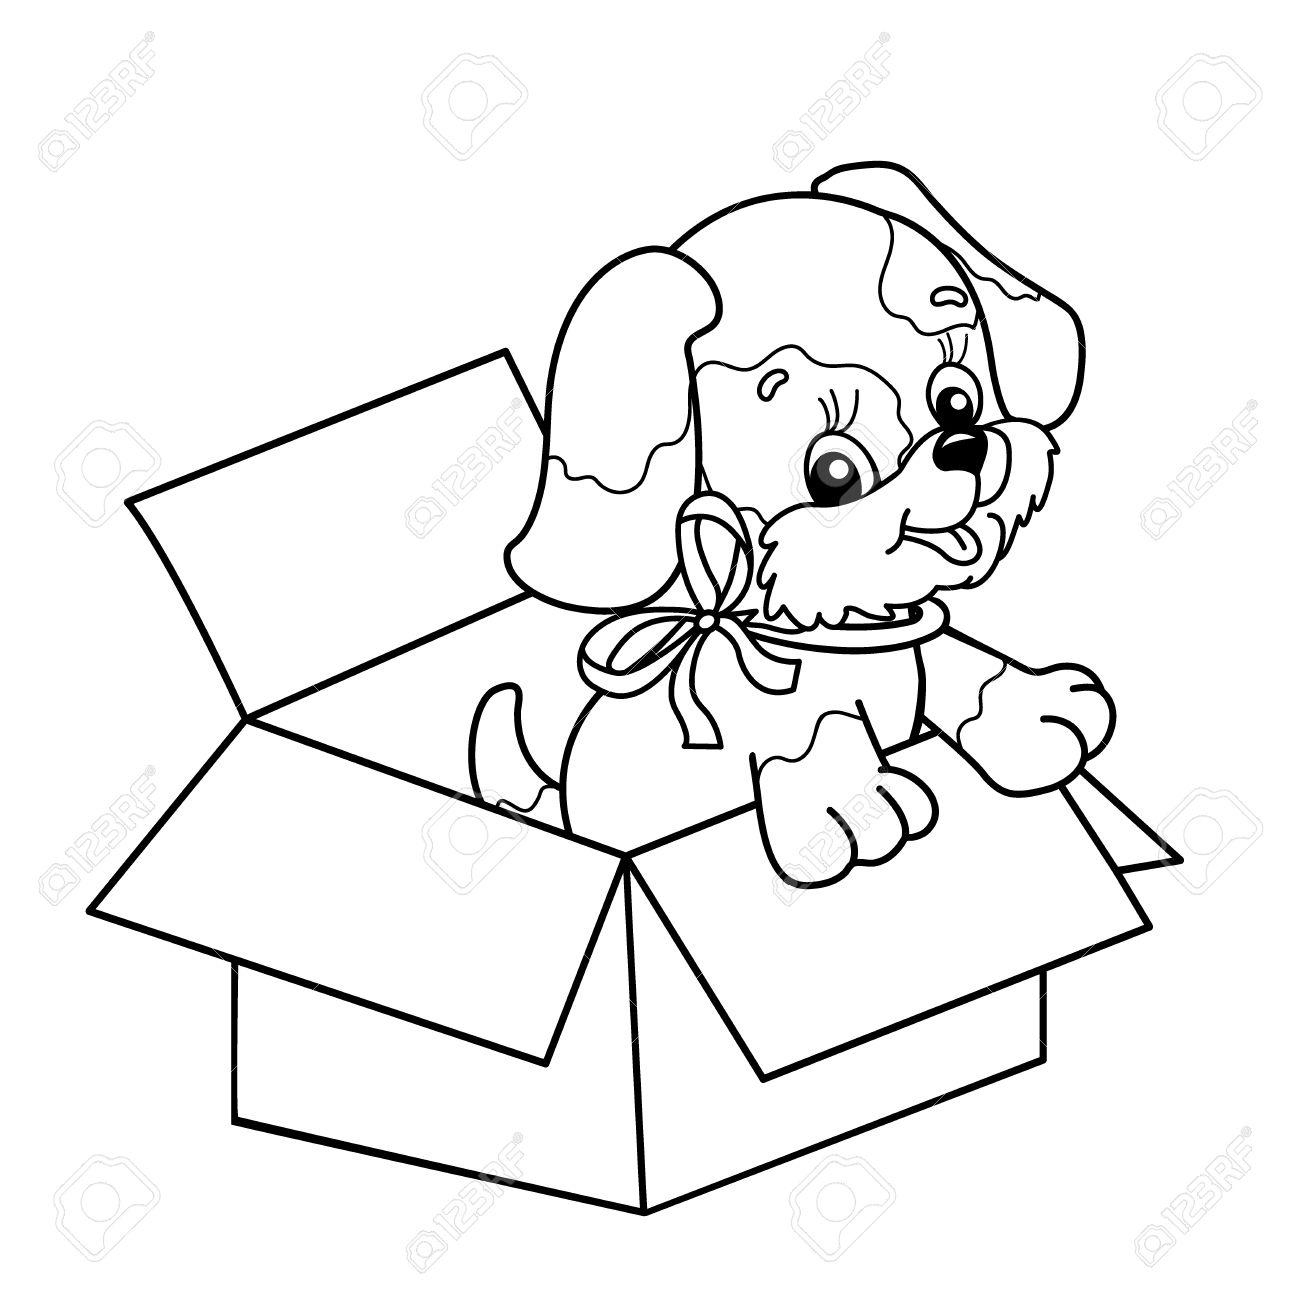 15 Kleurplaten Honden En Puppies Krijg Duizenden